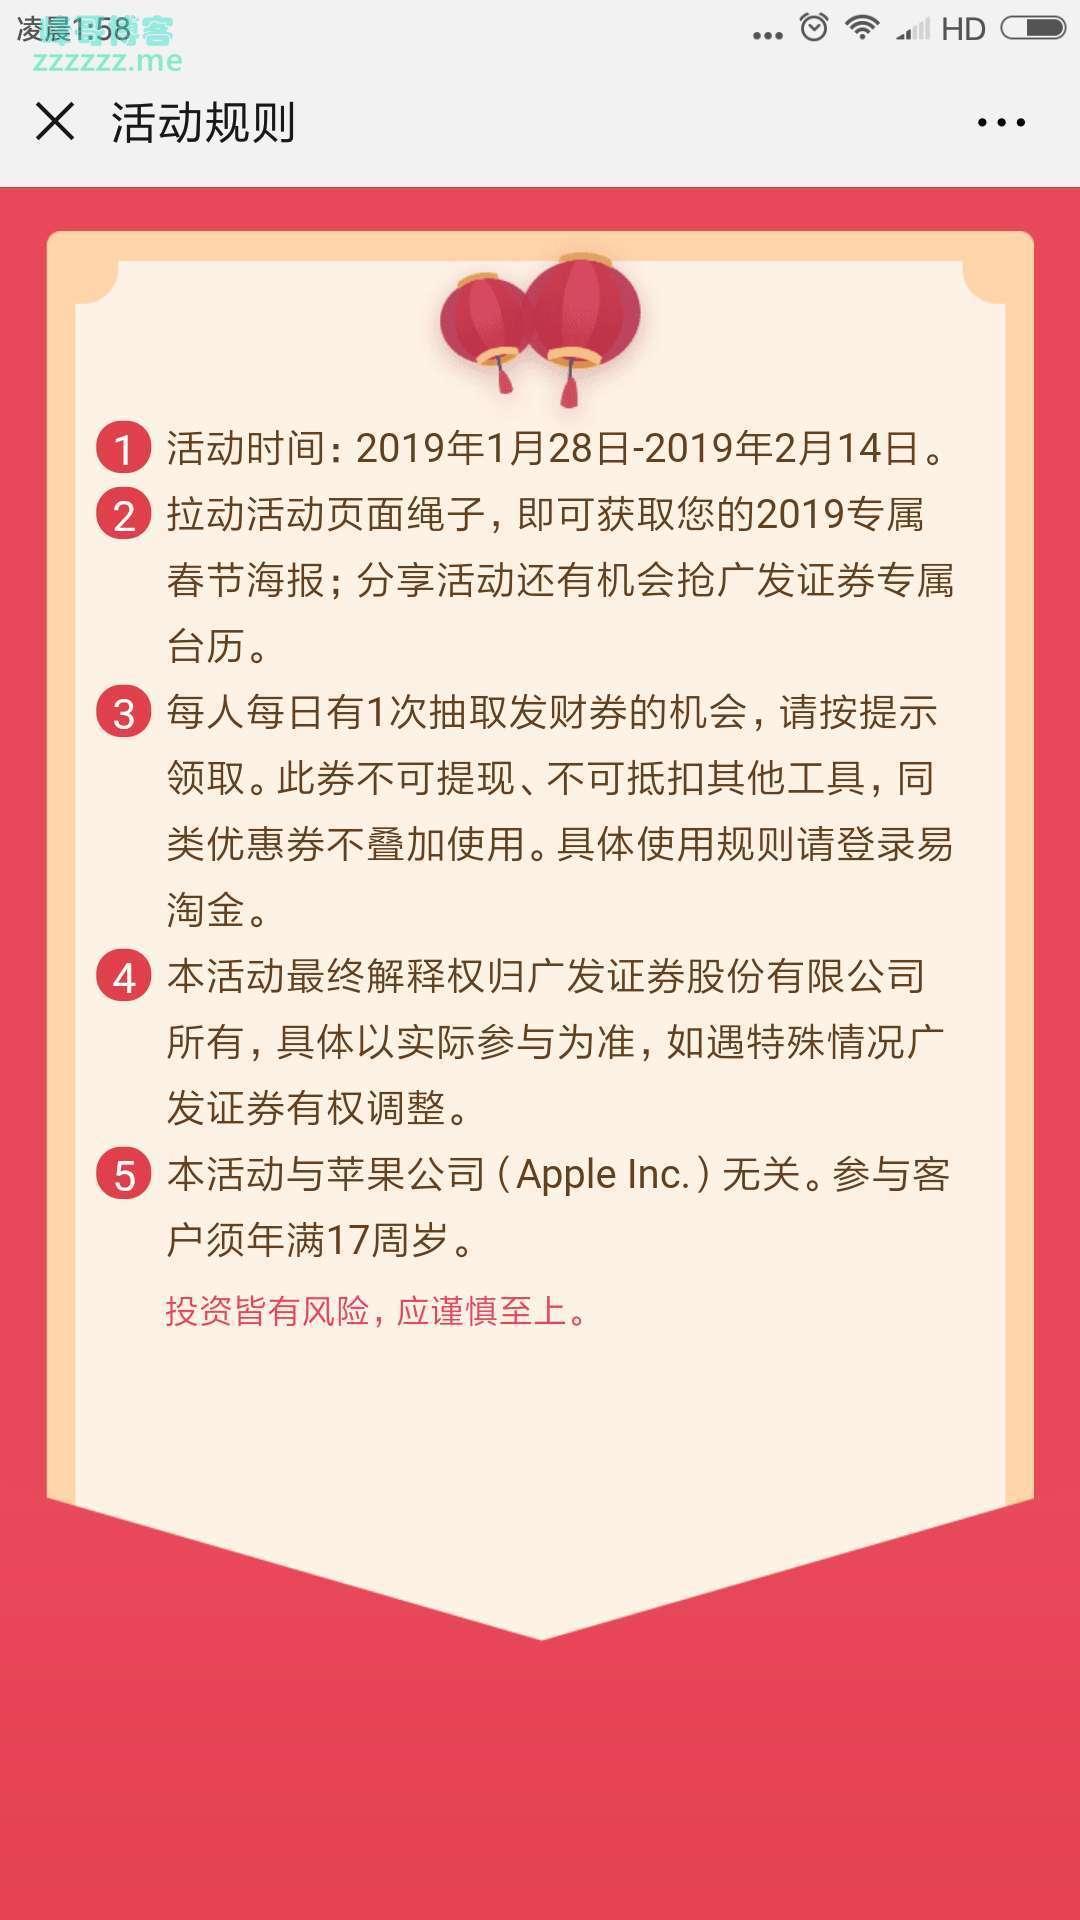 < 广发证券>新春测一测(截止2月14日)